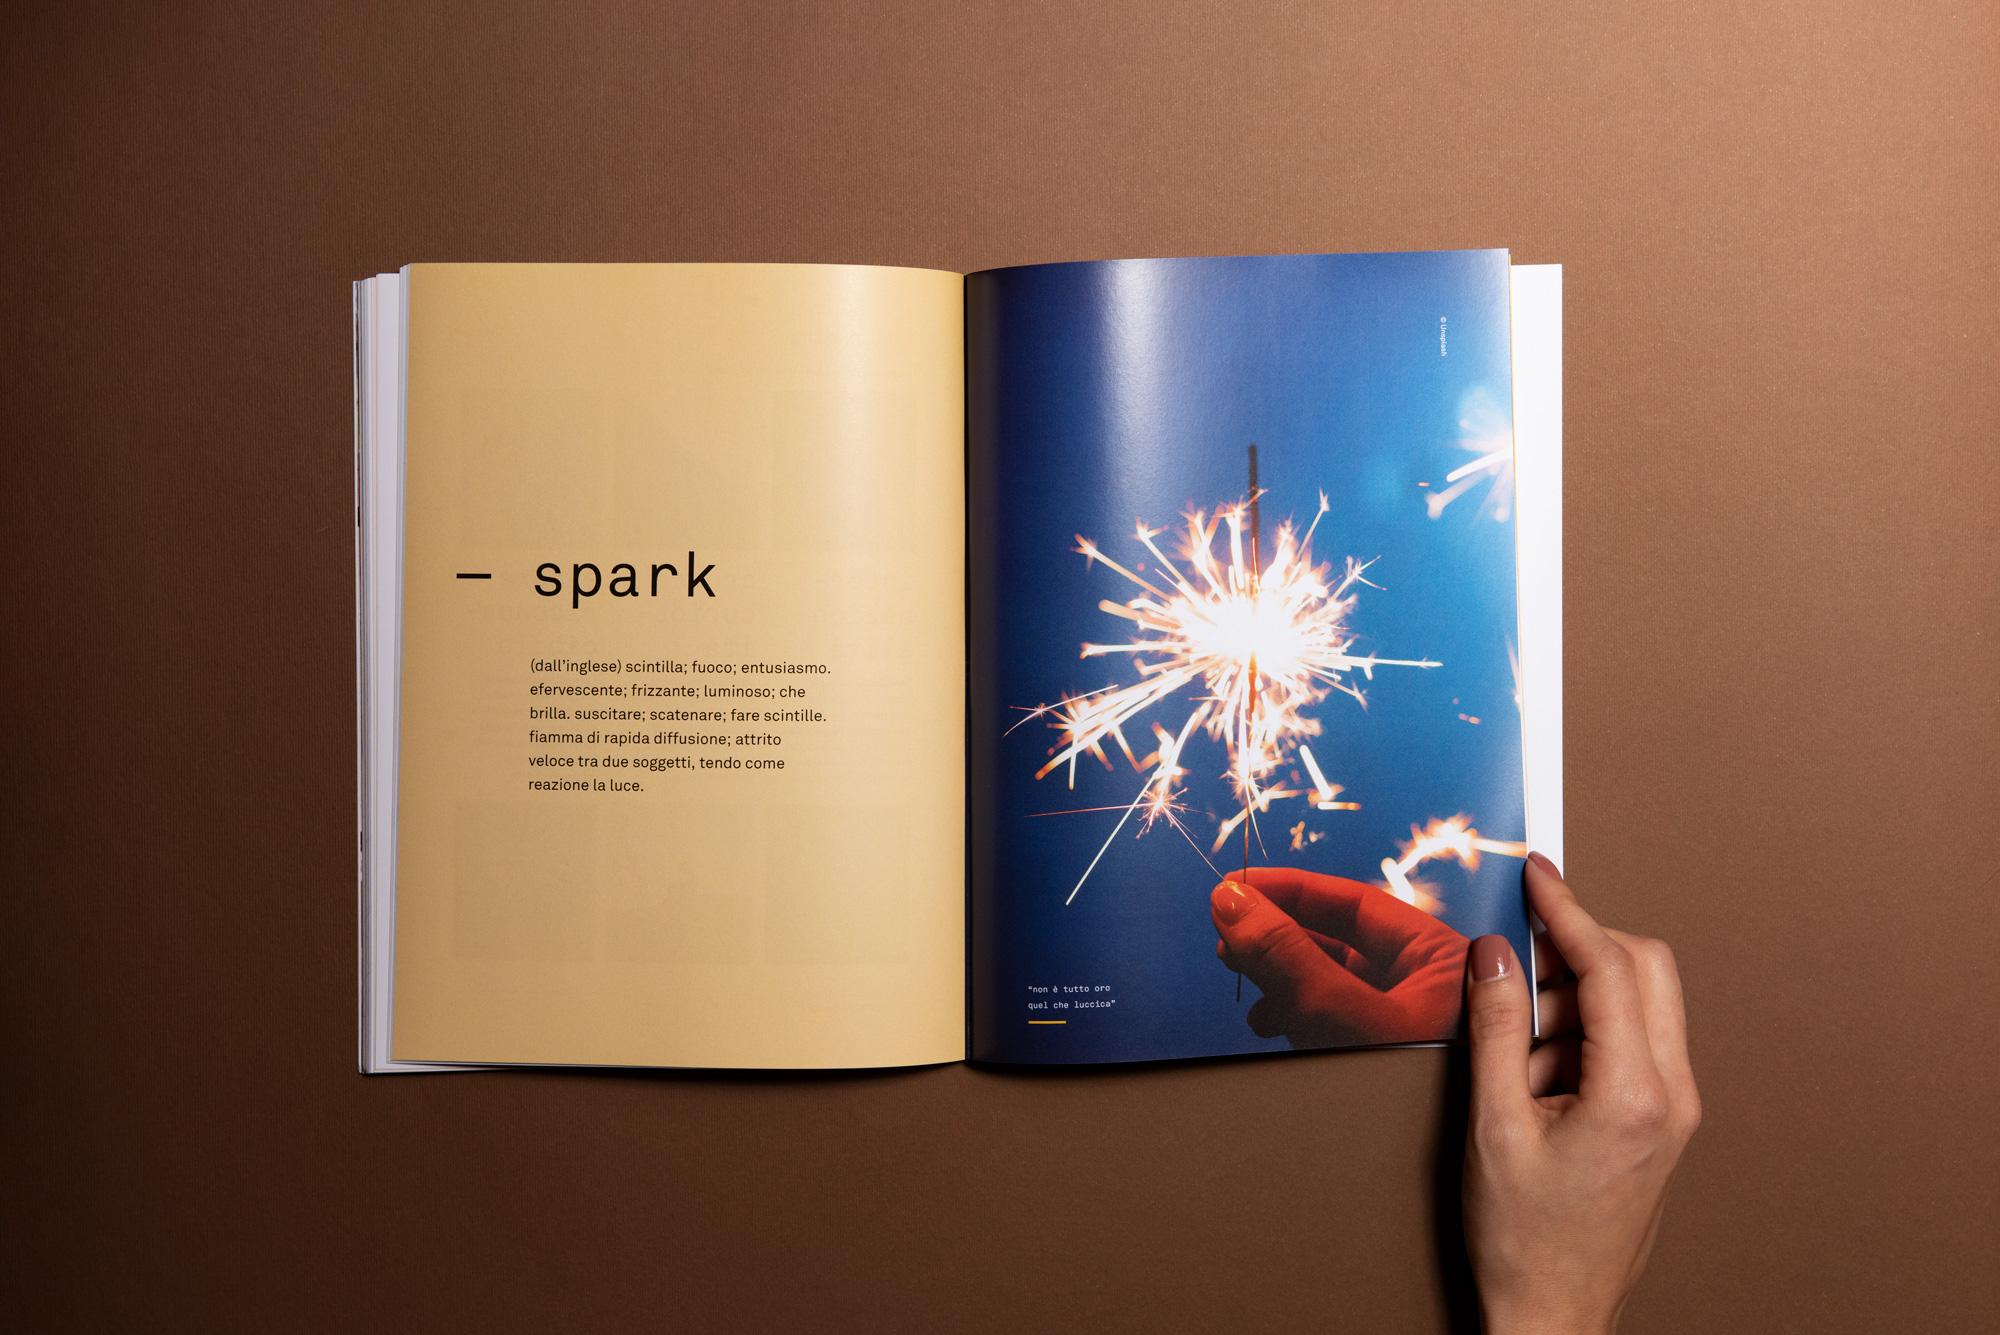 spark-graduation-project-isabela-freire-11